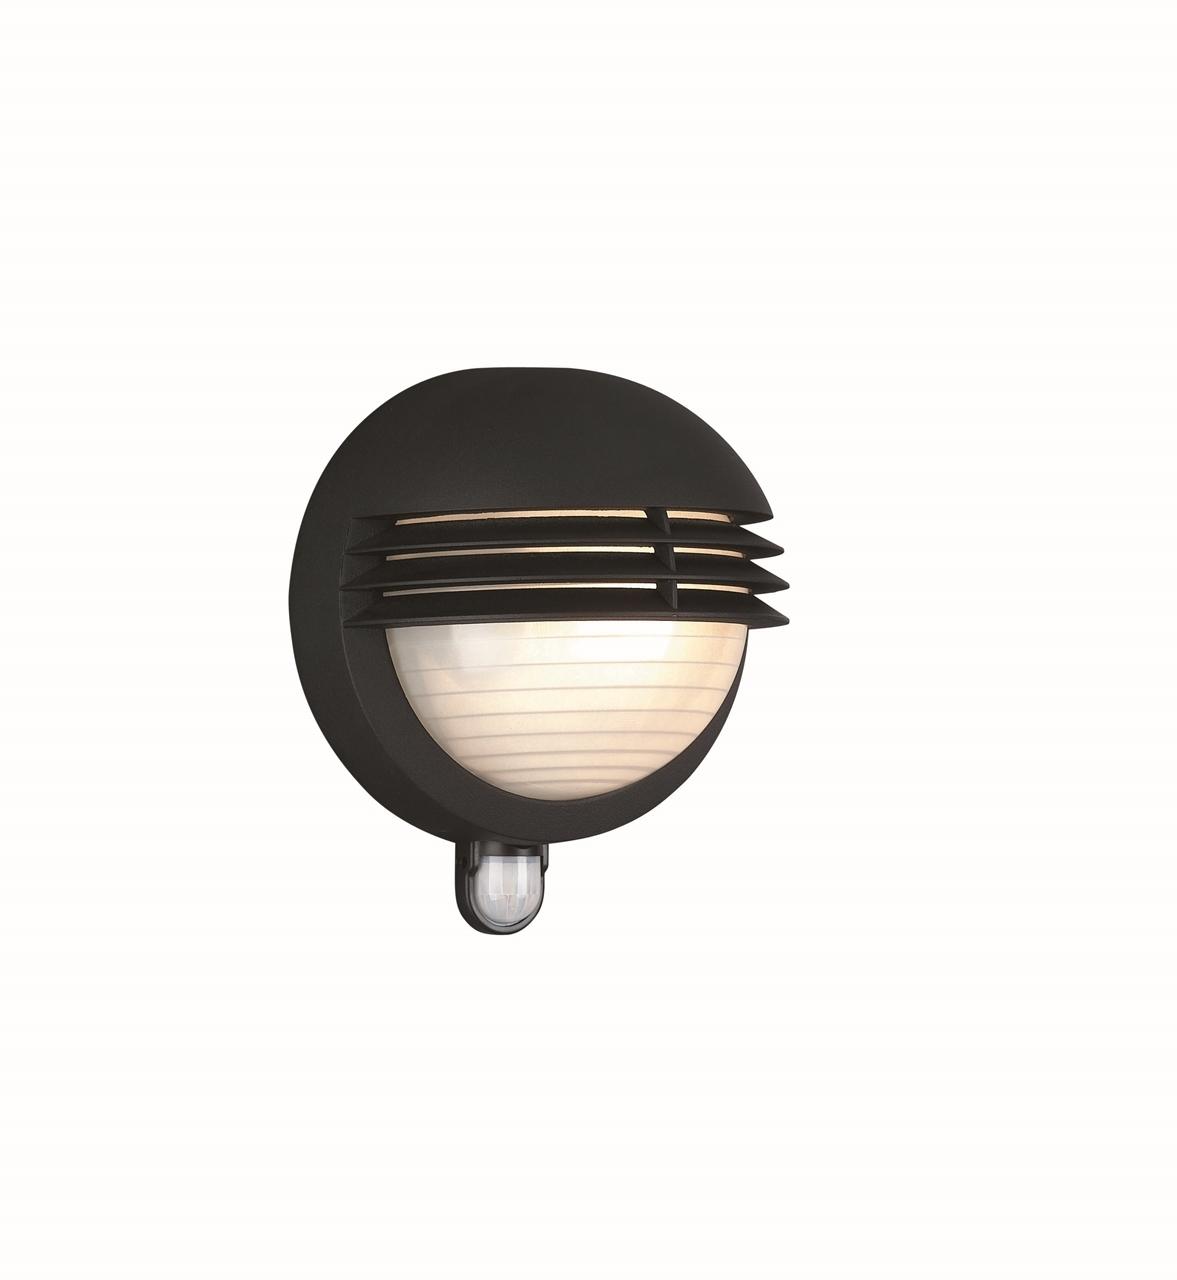 K Lighting Supplies – Indoor, Outdoor & Led Lighting Specialists Within Outdoor Led Wall Lights With Pir (View 13 of 15)